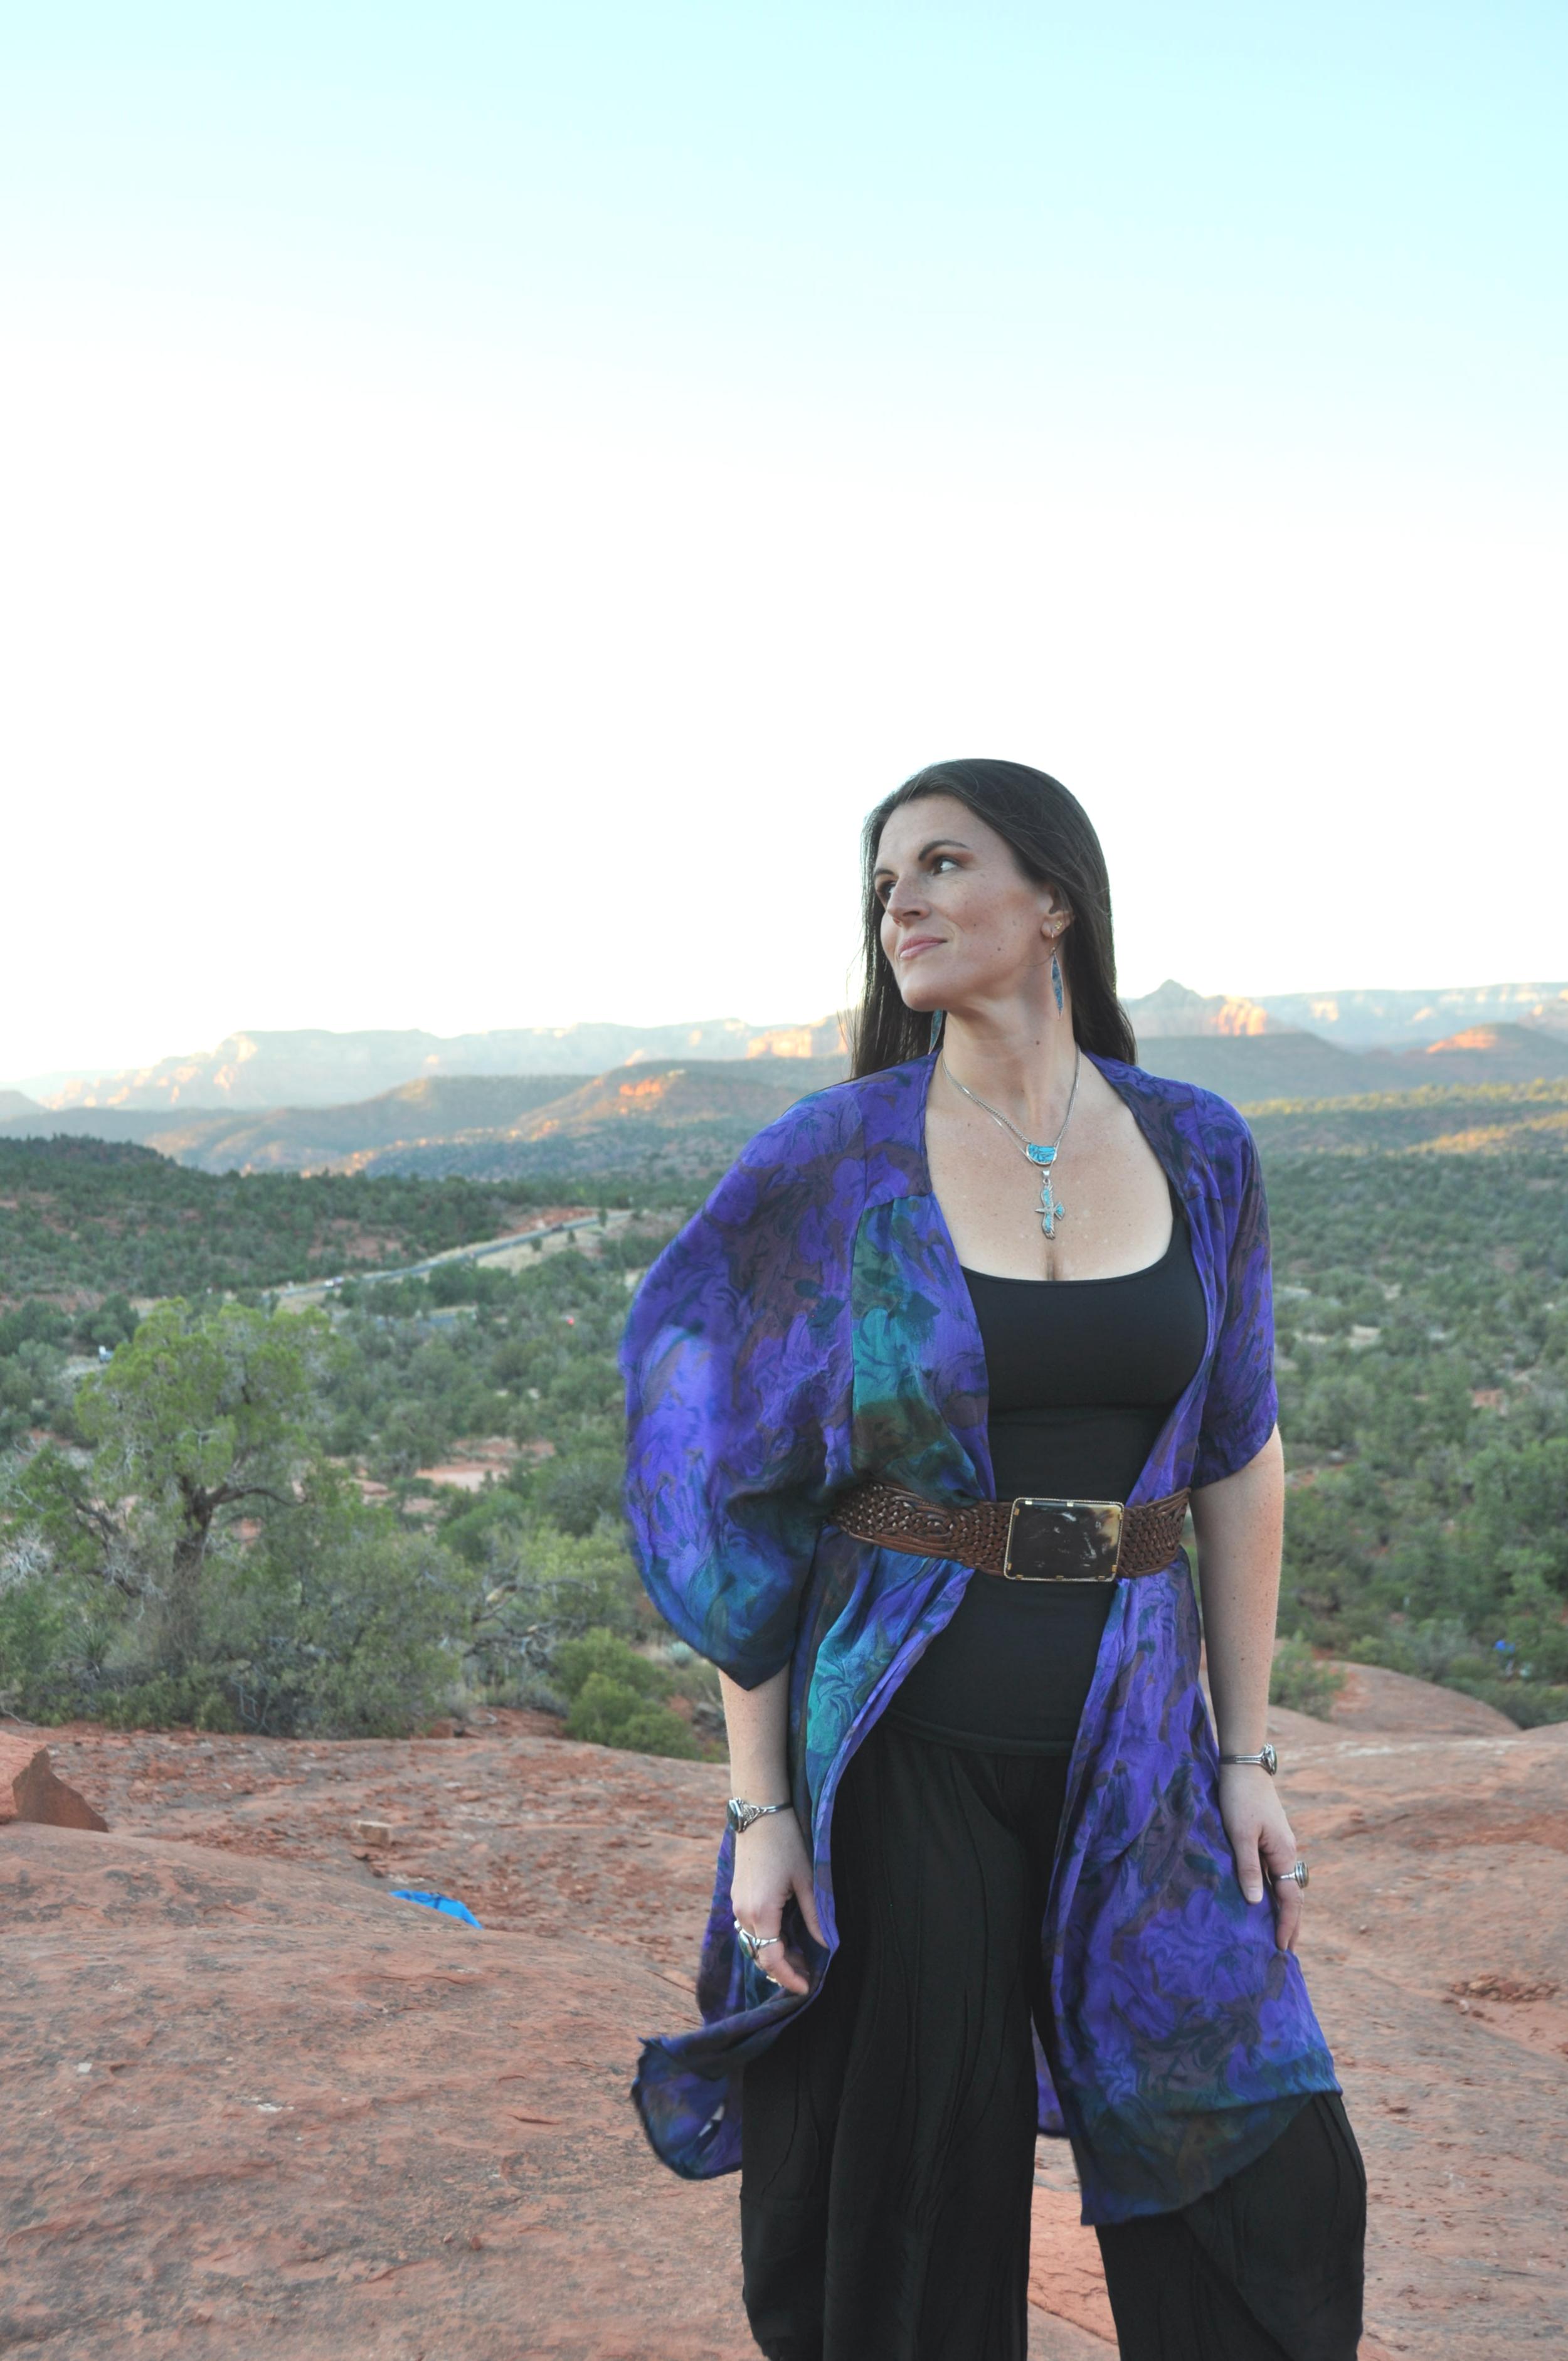 Michelle Hawk Shaman Spiritual Mentor Alchemist Teacher Reiki Master Portland